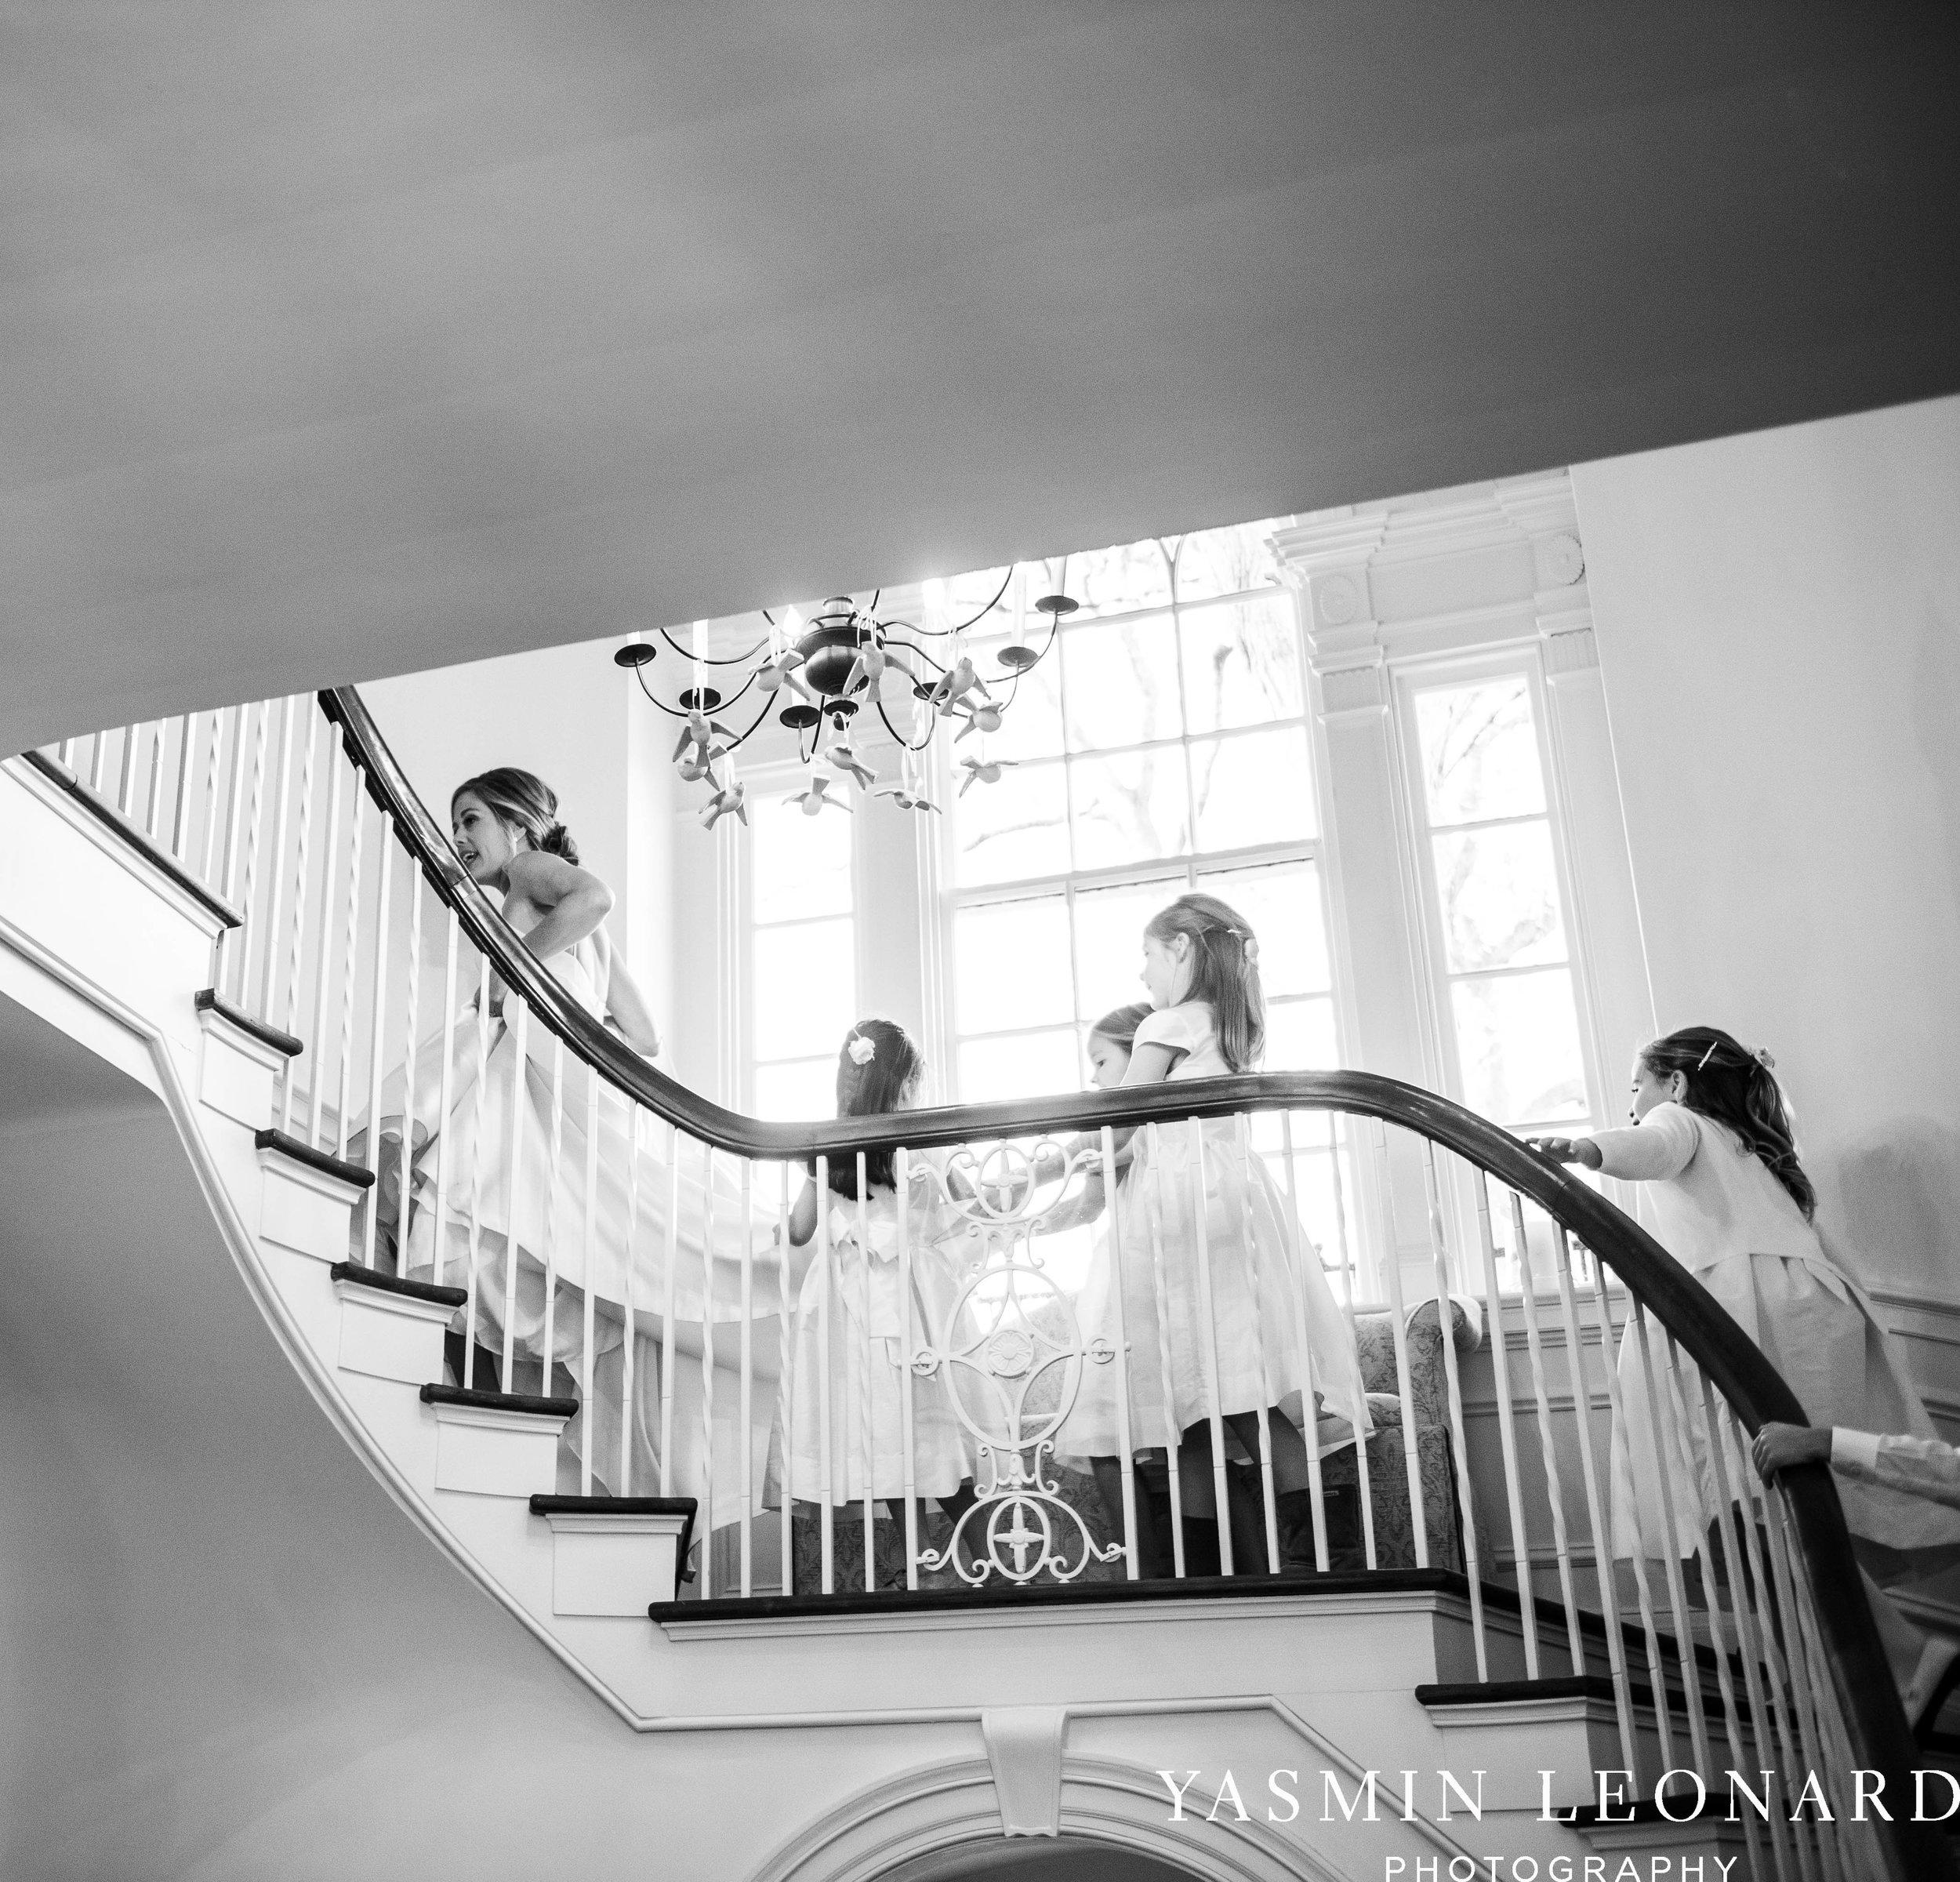 Wesley Memorial United Methodist Church - EmeryWood - High Point Weddings - High Point Wedding Photographer - NC Wedding Photographer - Yasmin Leonard Photography-67.jpg